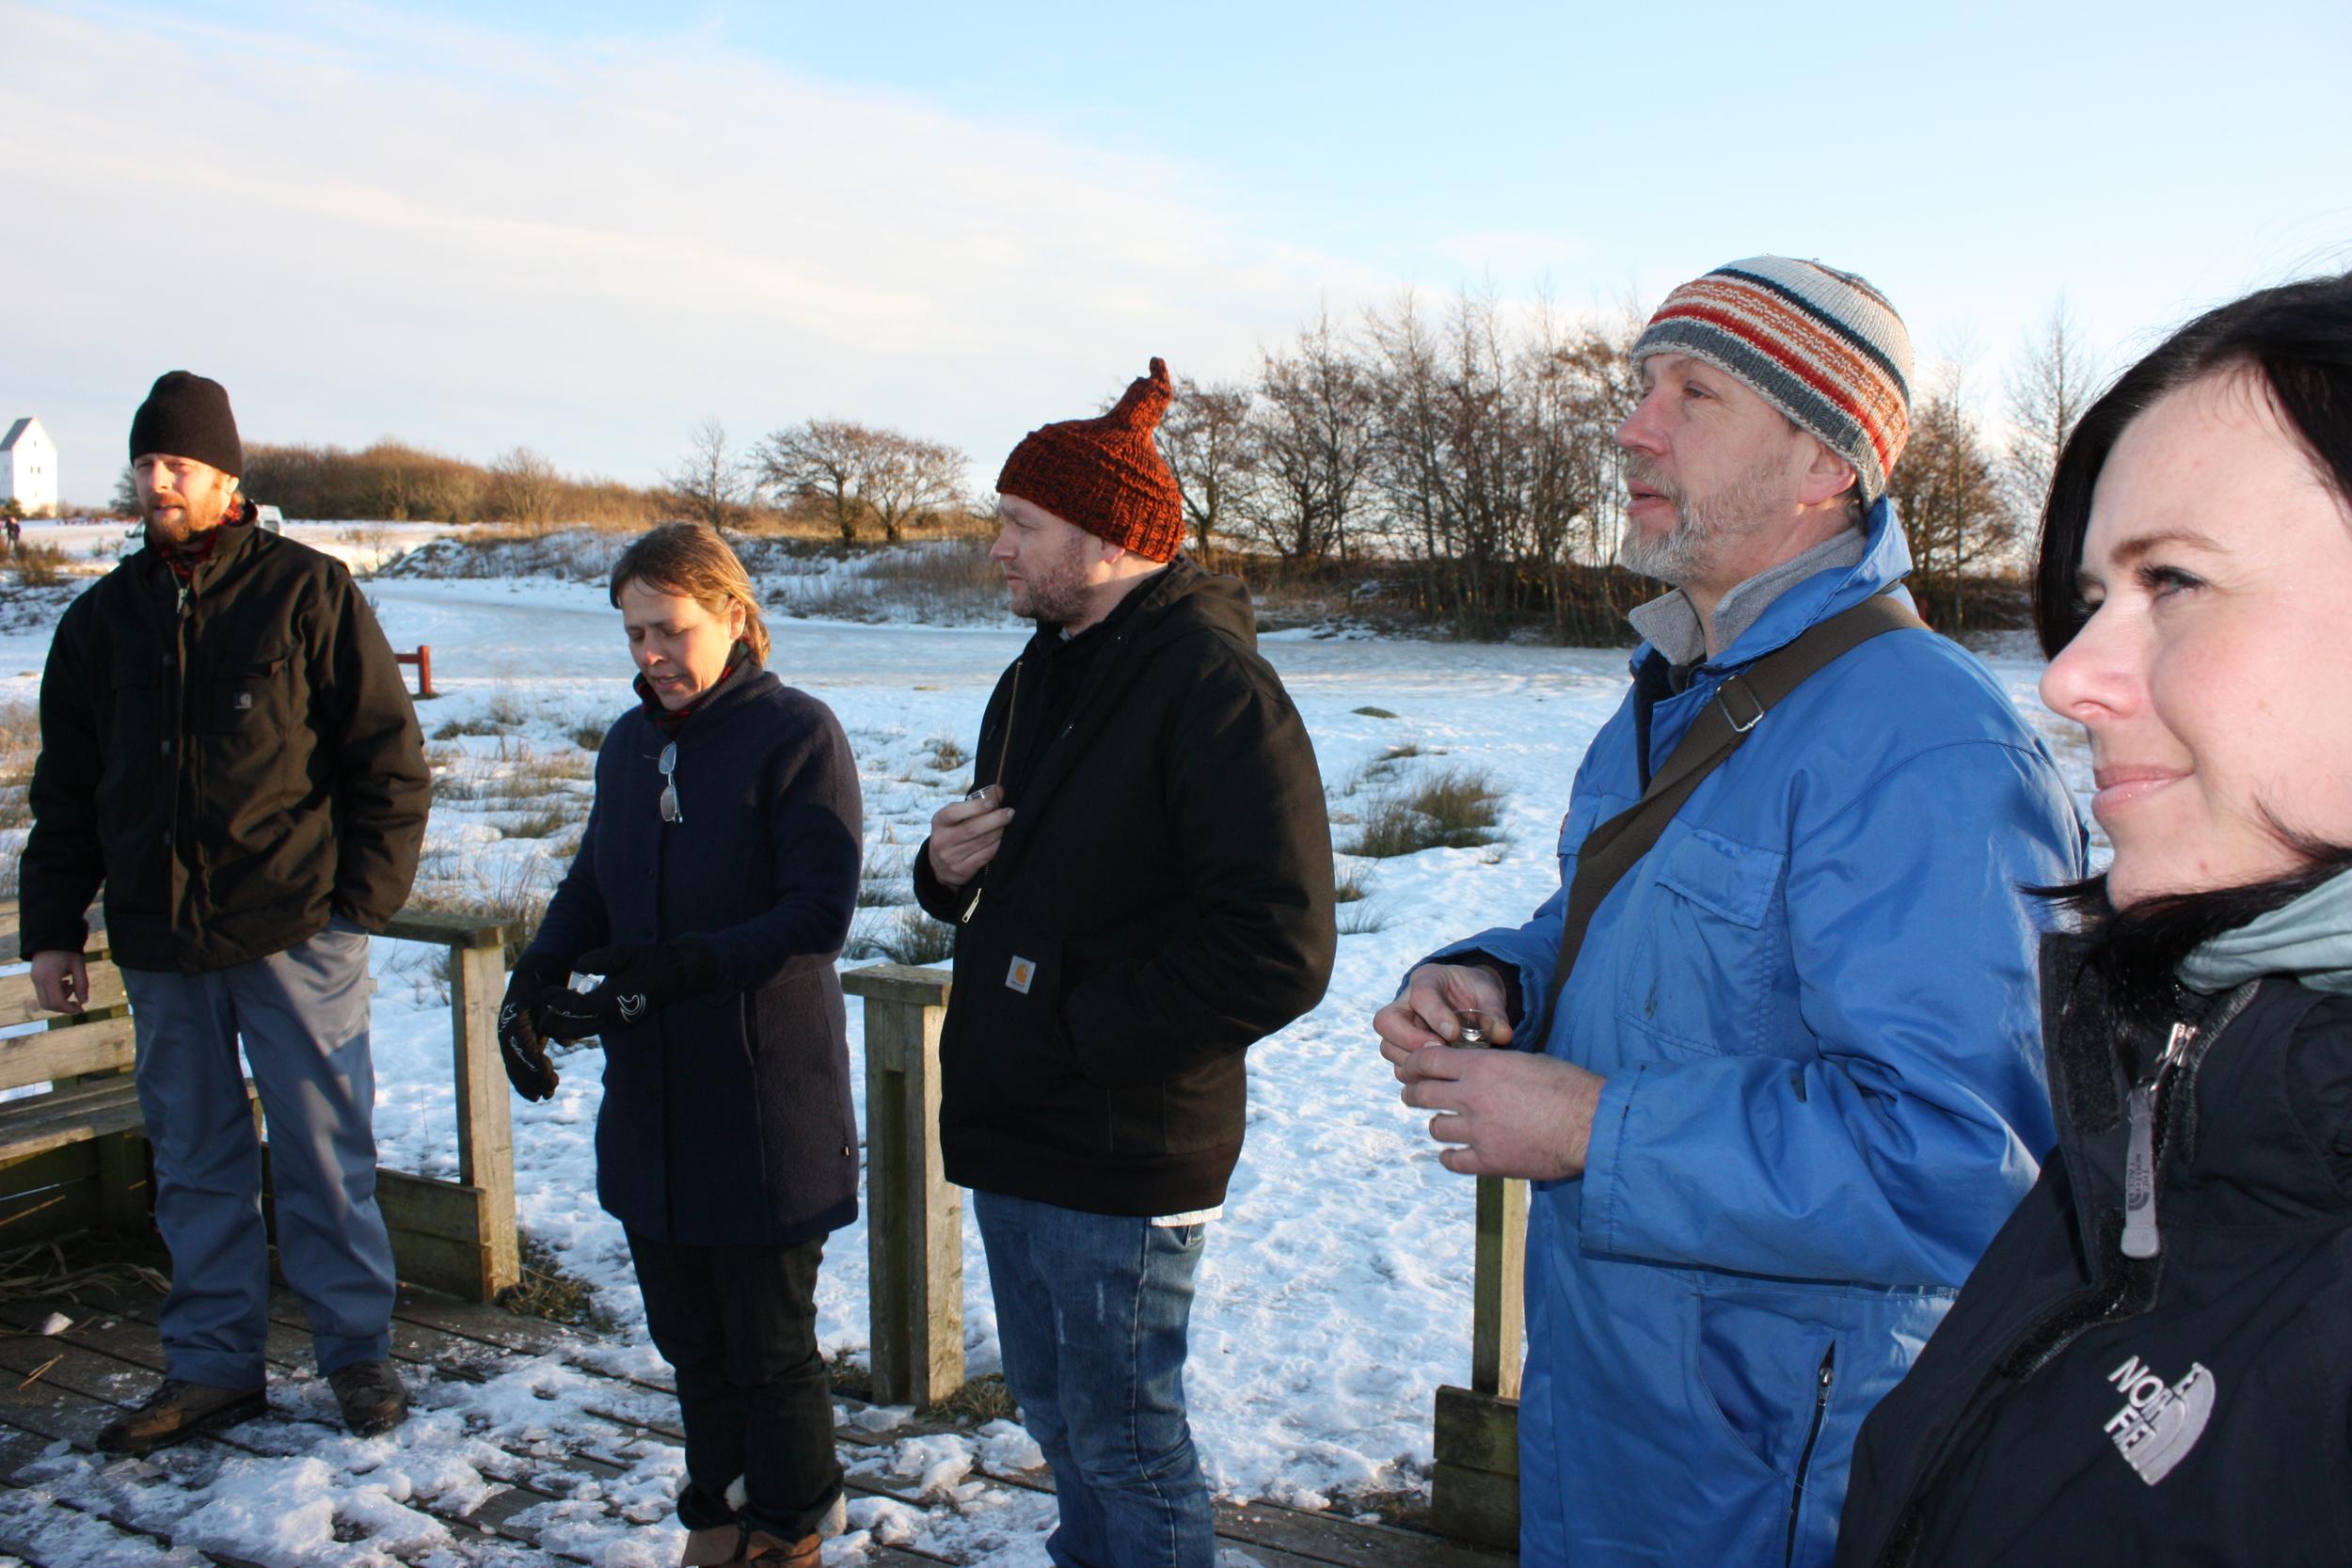 Bjørn Kromann Andersen i blå Harborørhabit, ved siden af Søren Taaning Marianne Jørgensen og Rene Schmidt